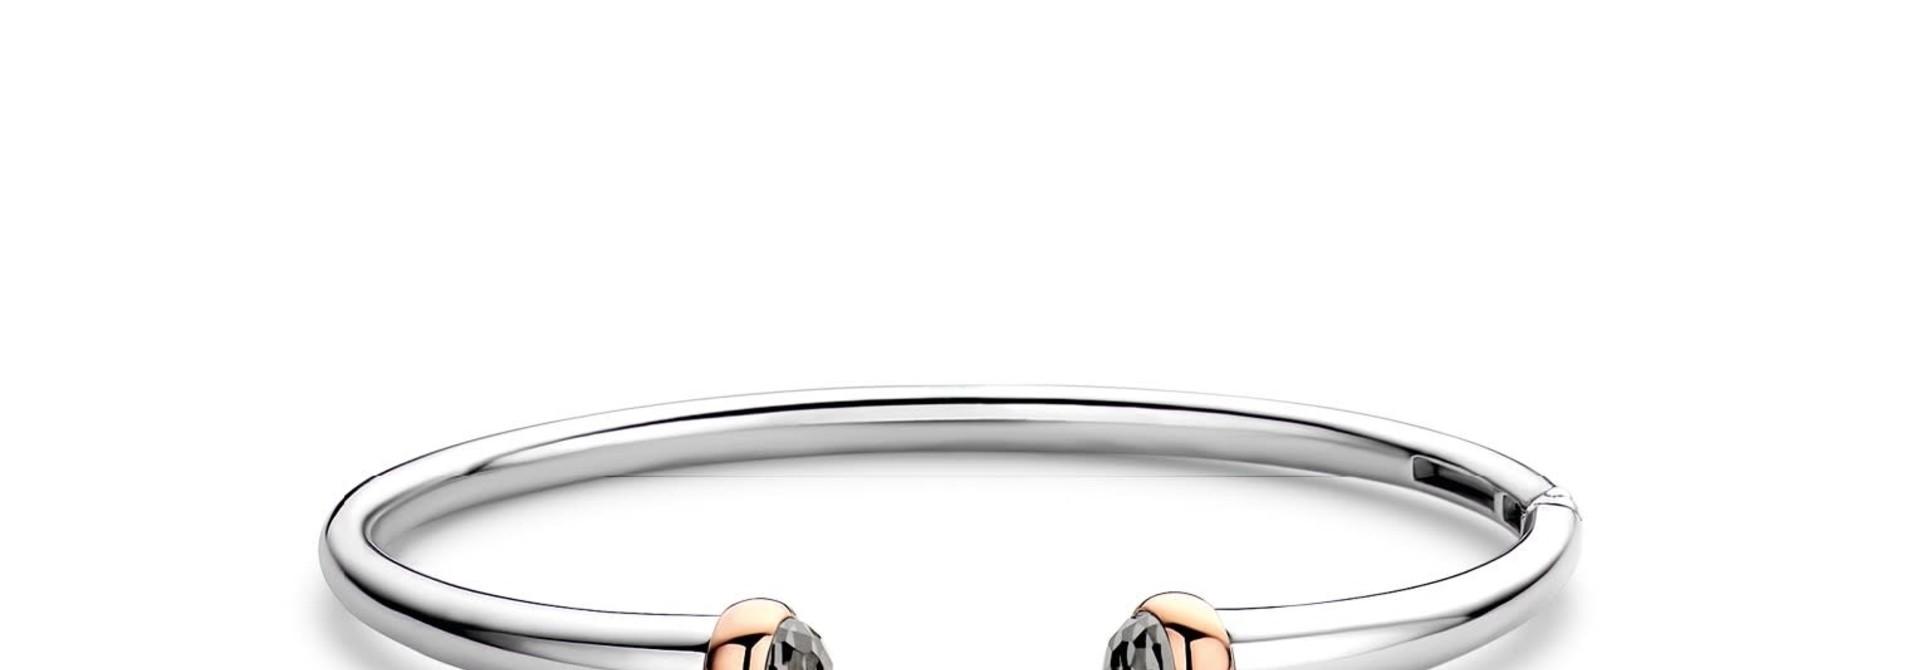 TI SENTO - Milano Bracelet 2923GB